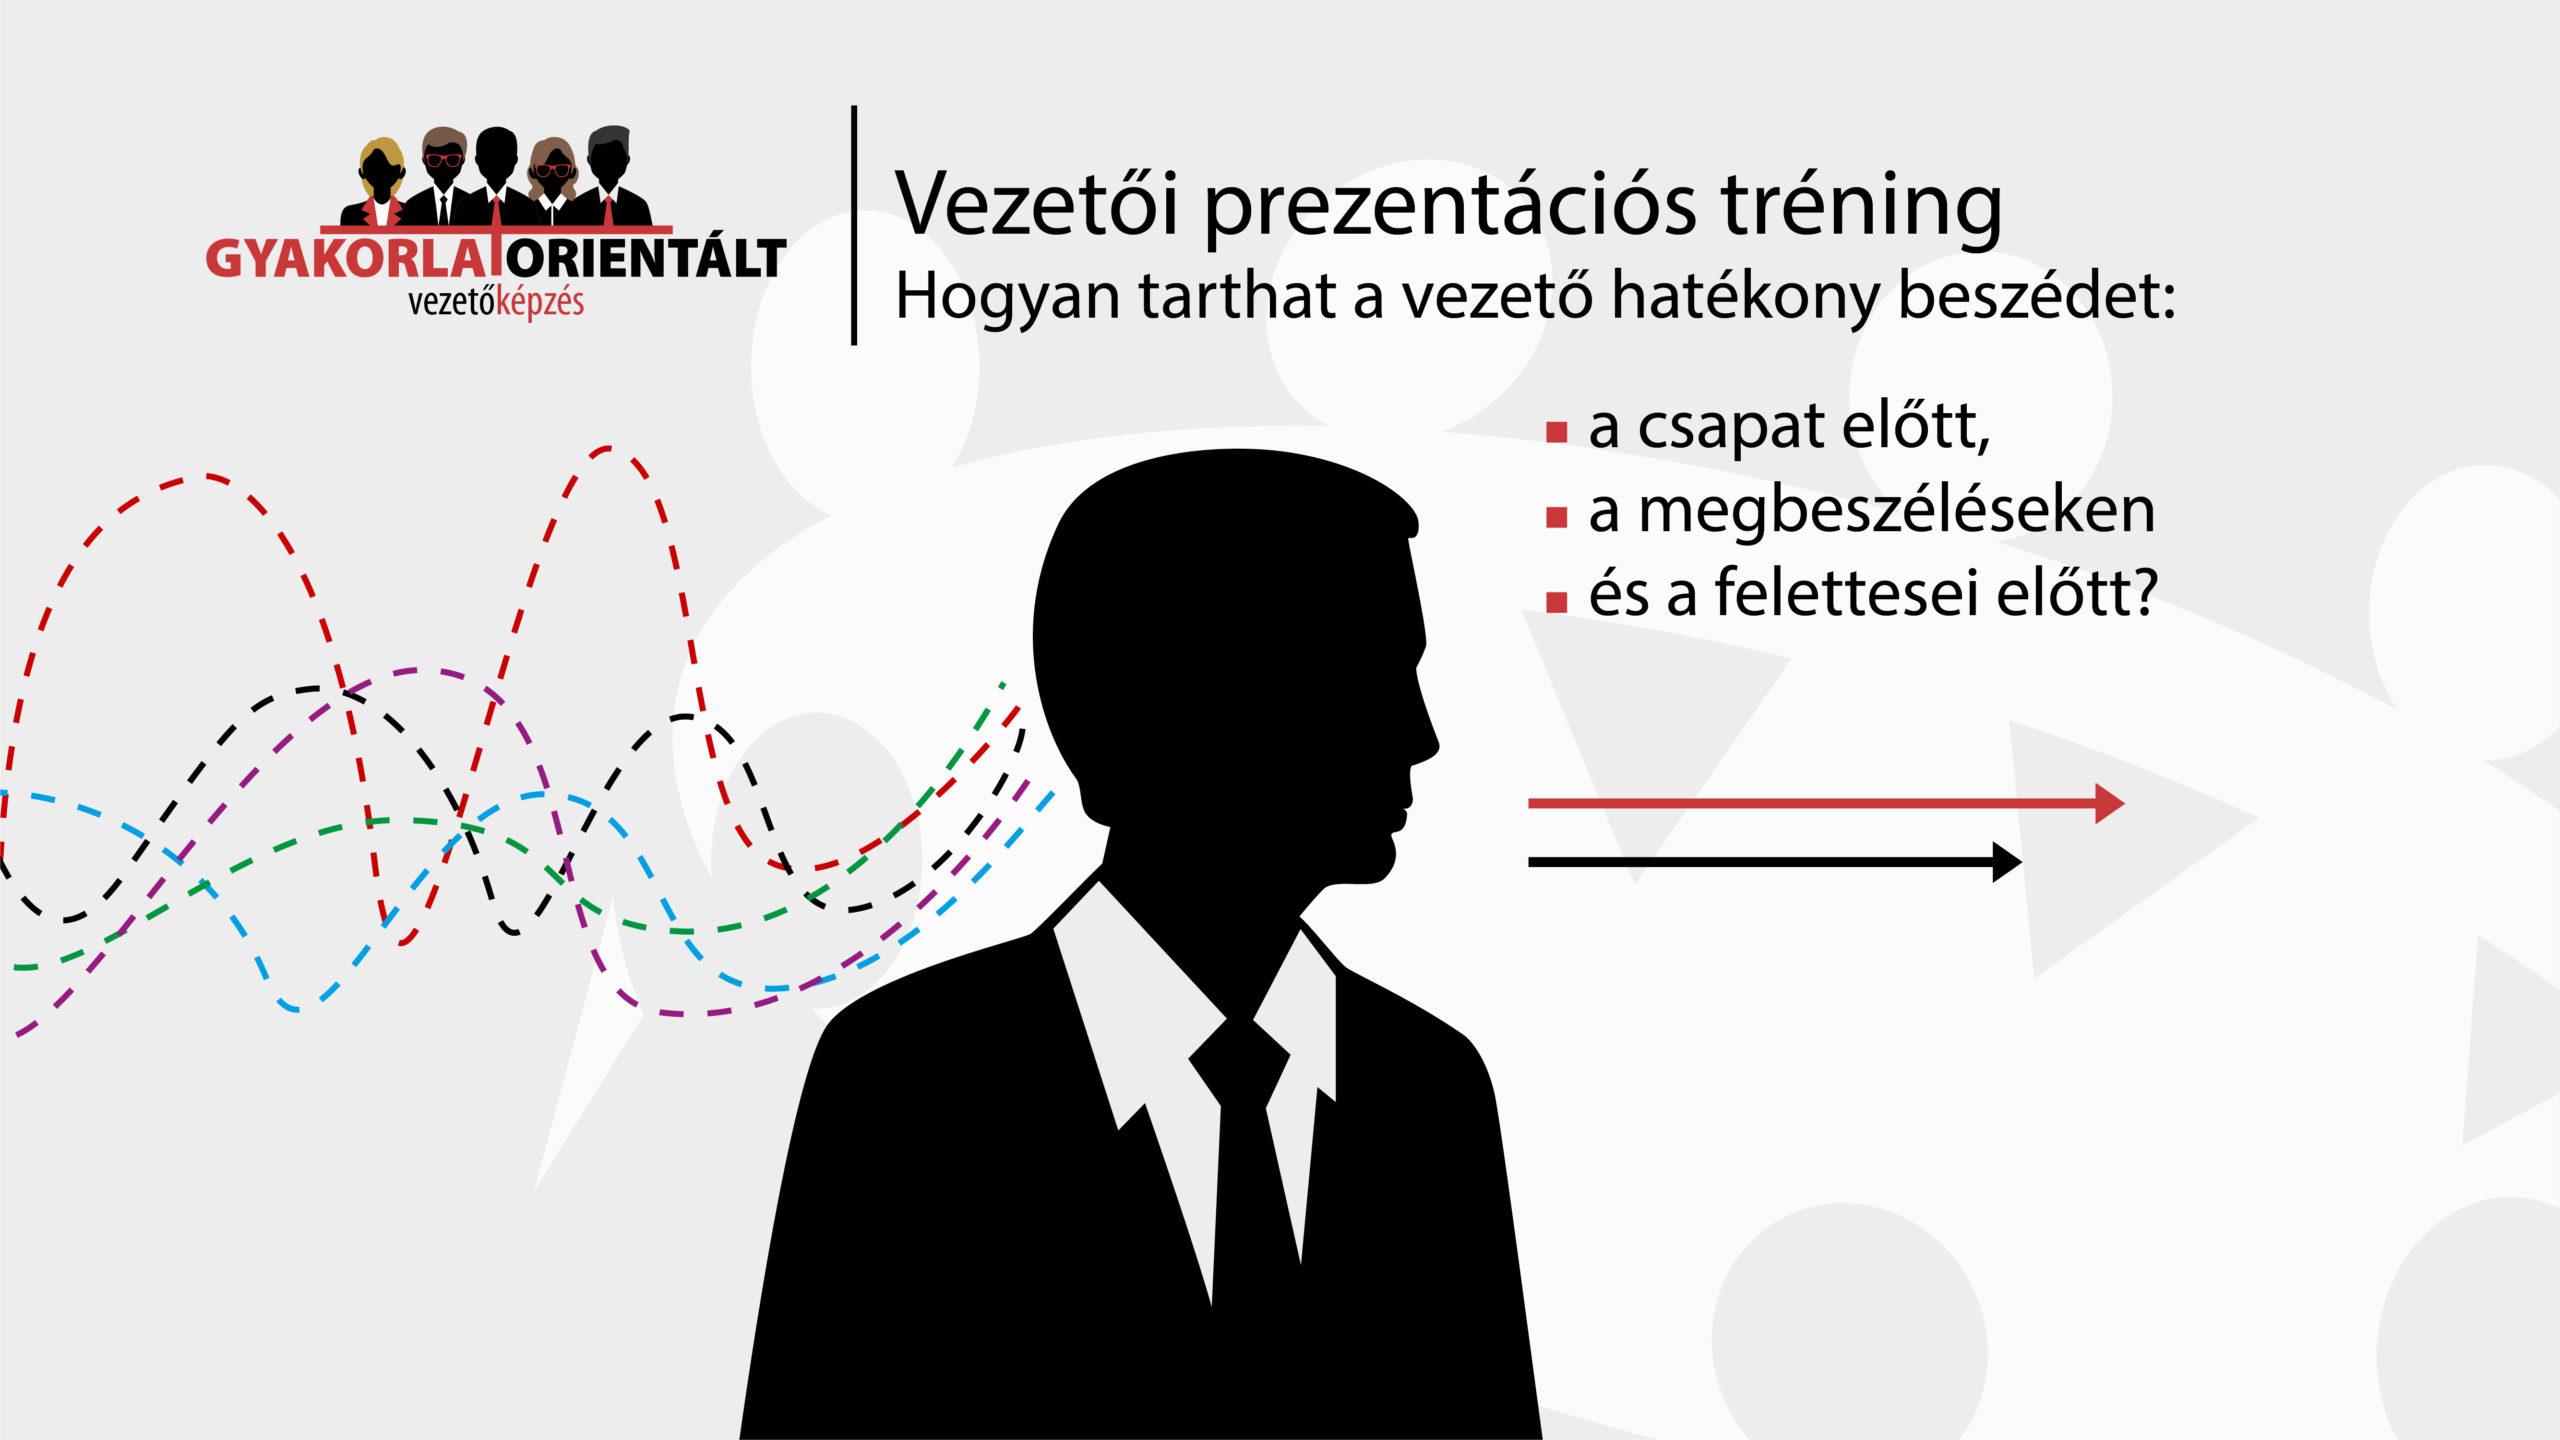 Vezetői prezentációs tréning